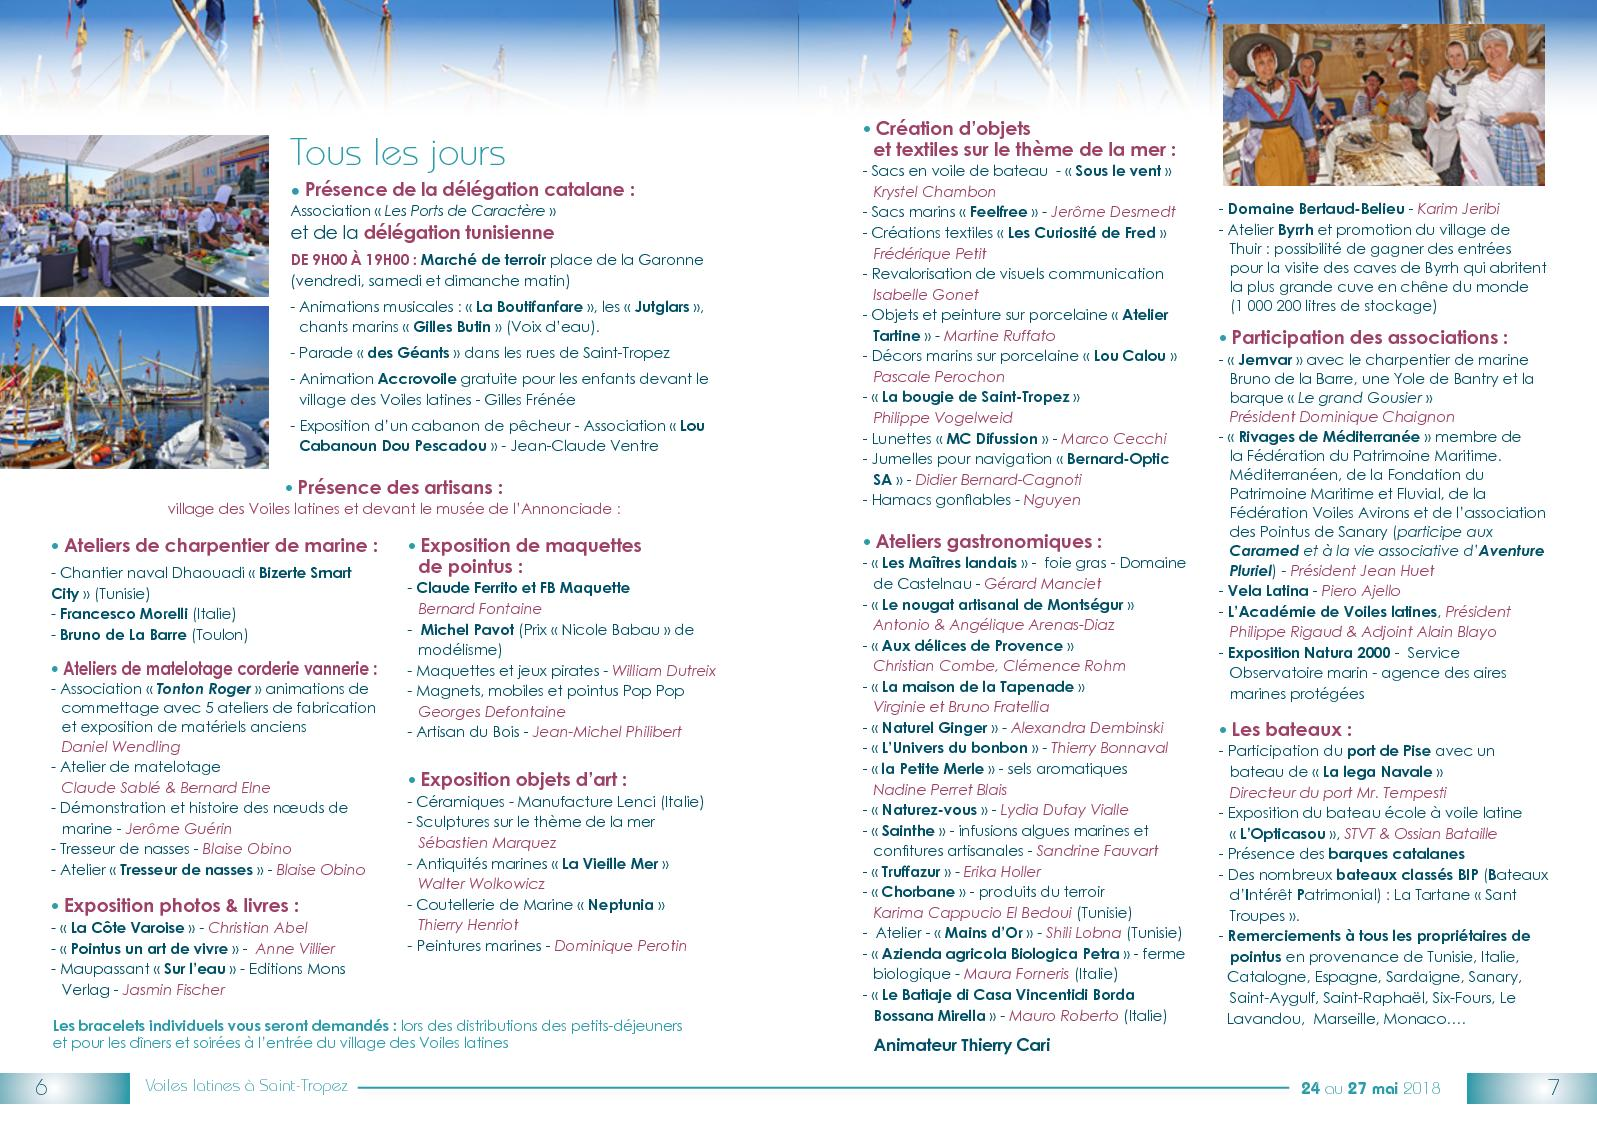 Atelier Du Bois Monaco voiles latines 2018 : le programme - calameo downloader